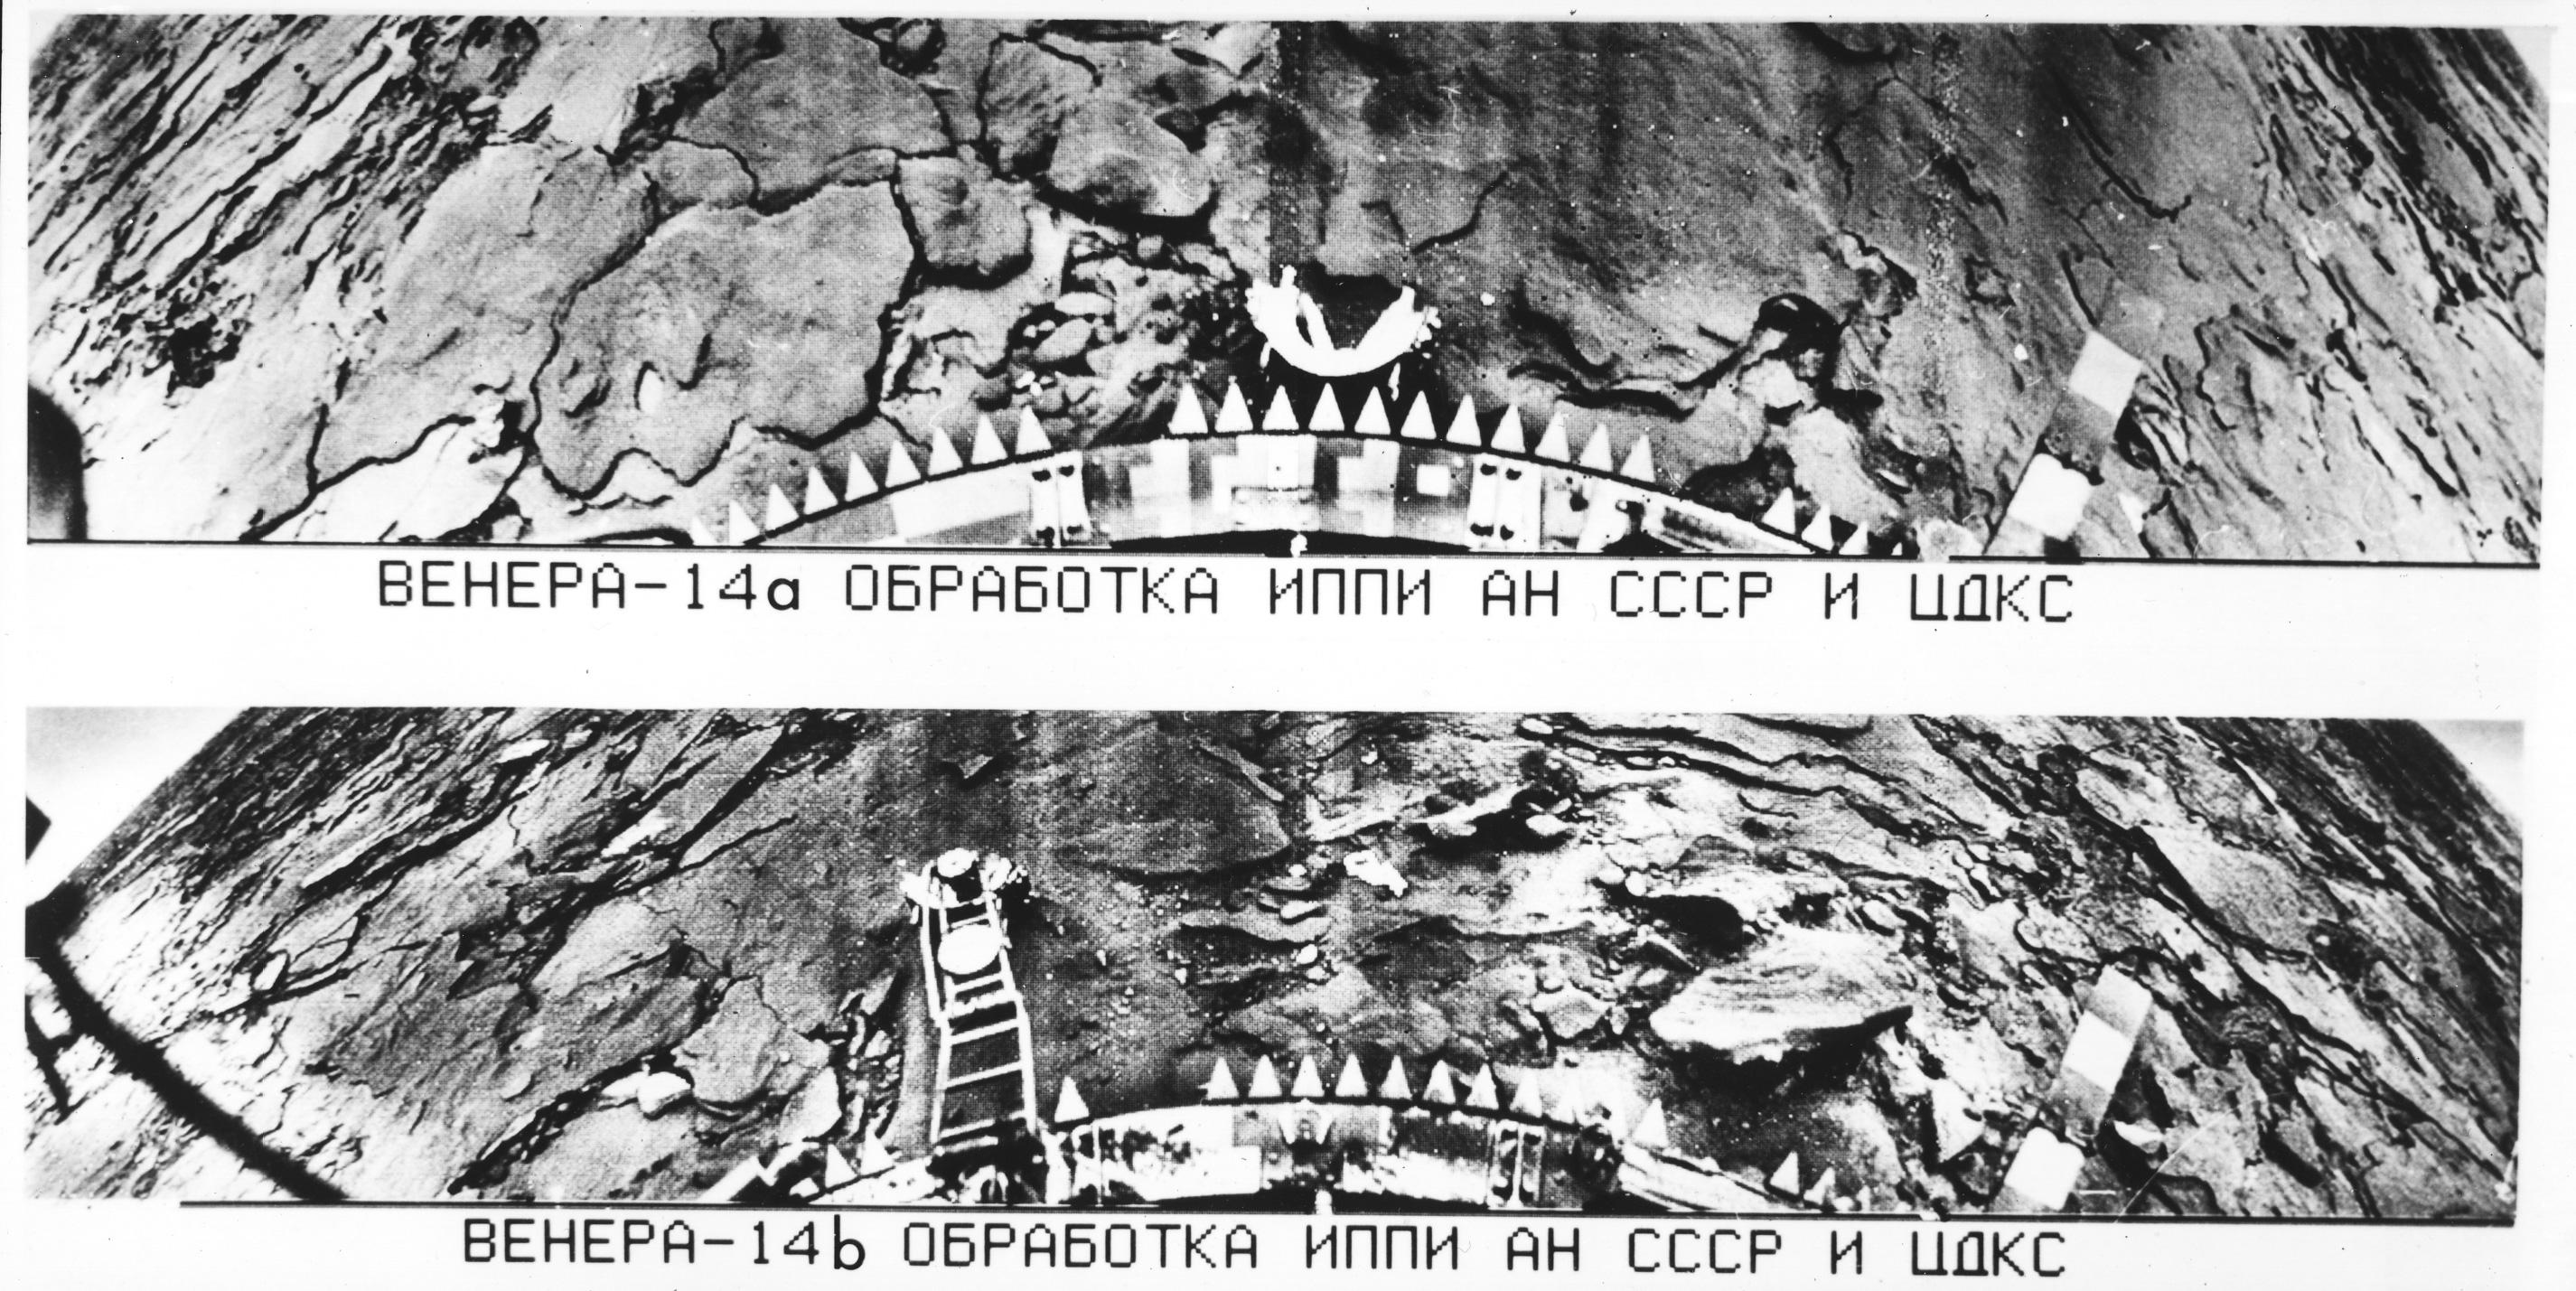 Soviet space program history V14